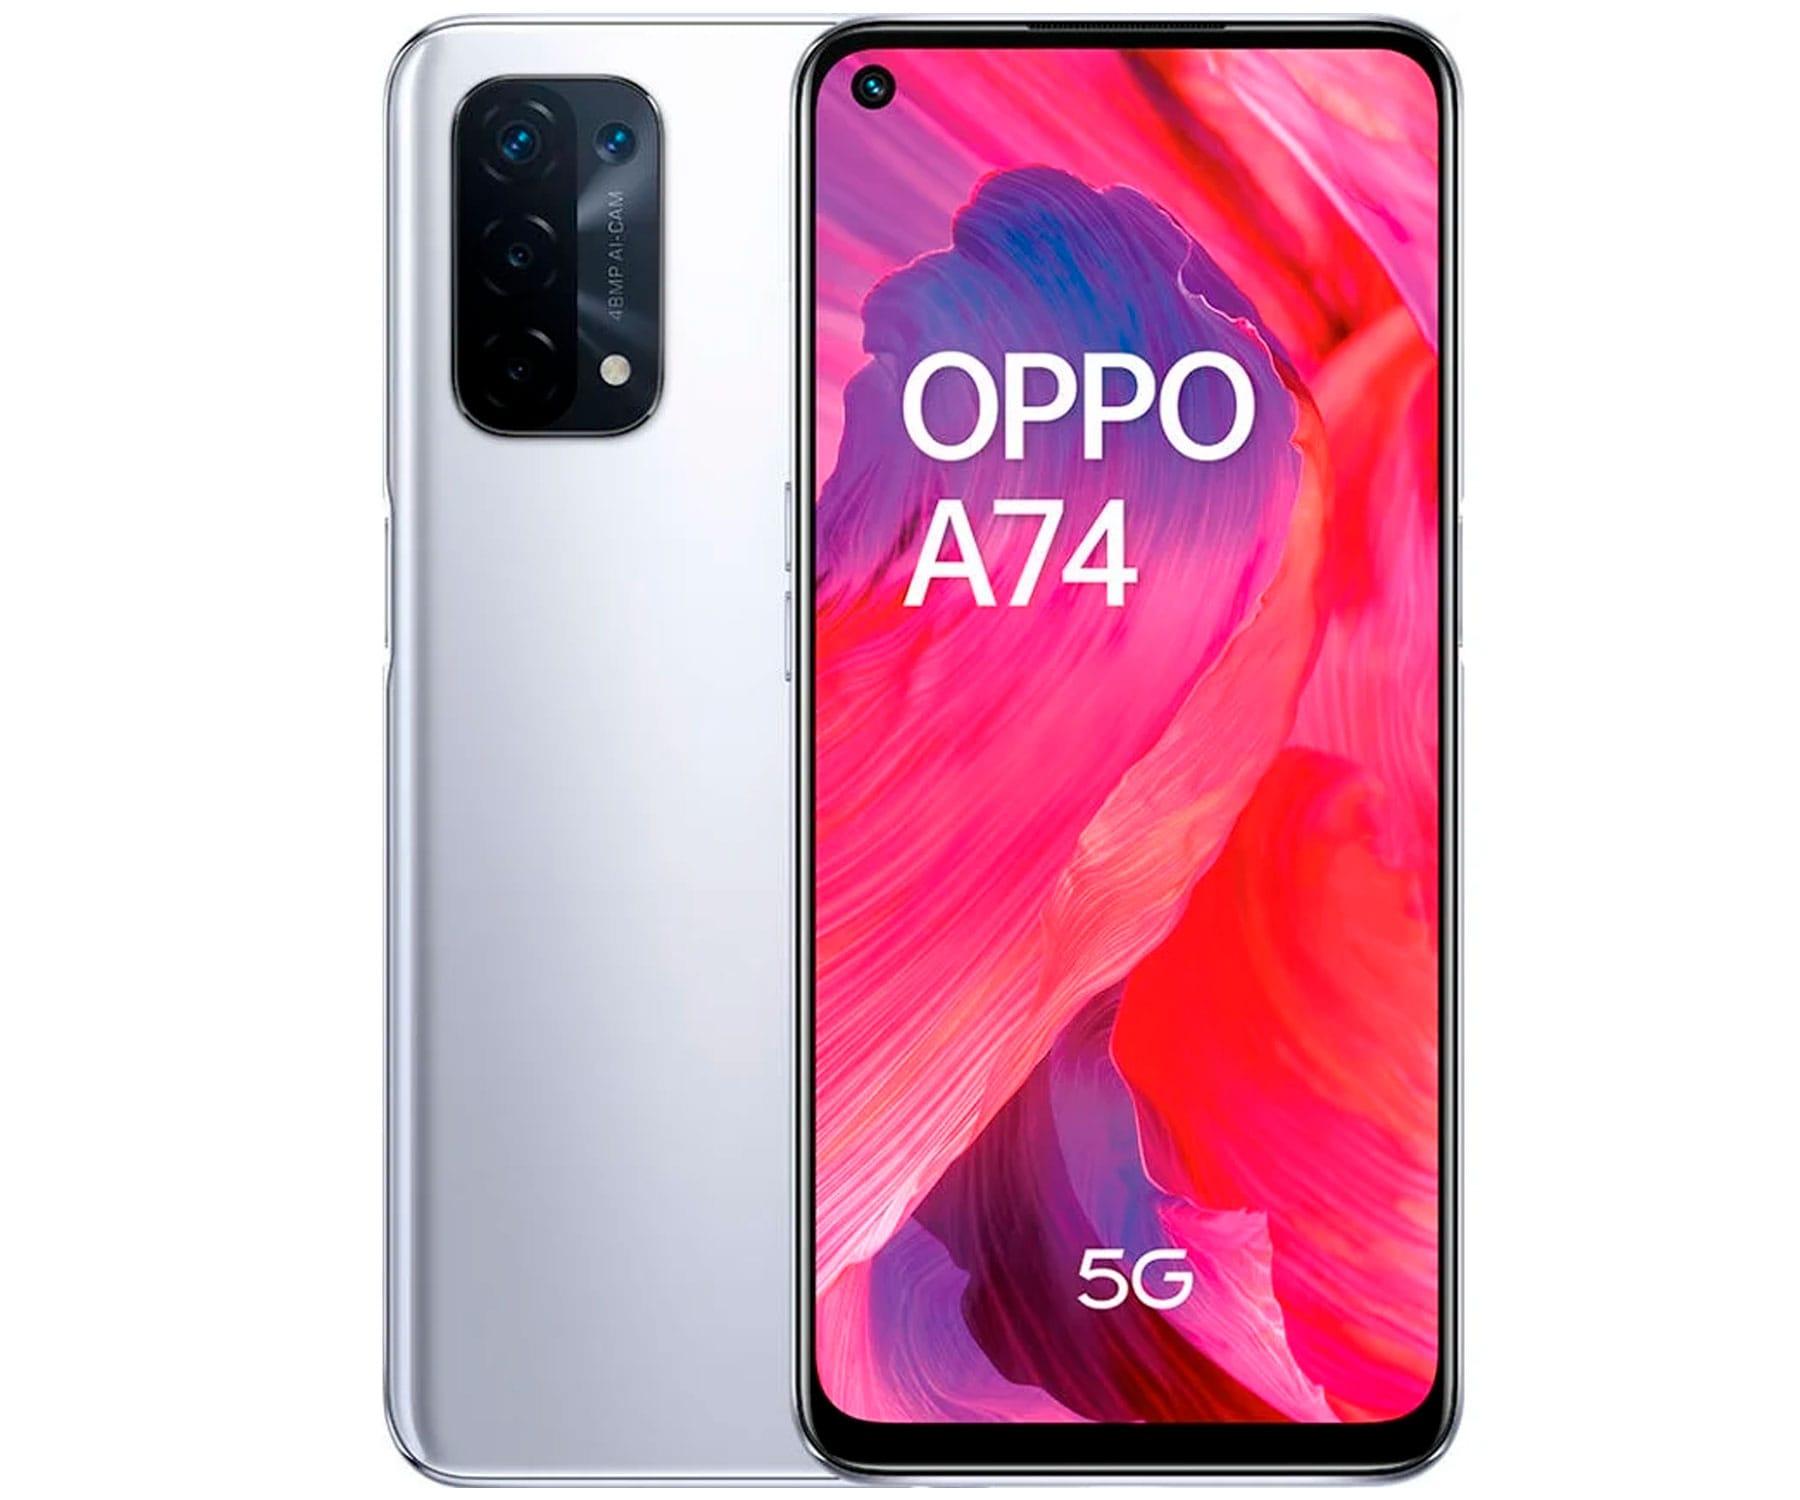 Oppo A74 5G Plata 8core/6+128GB/6.5'' FHD+/Dual SIM